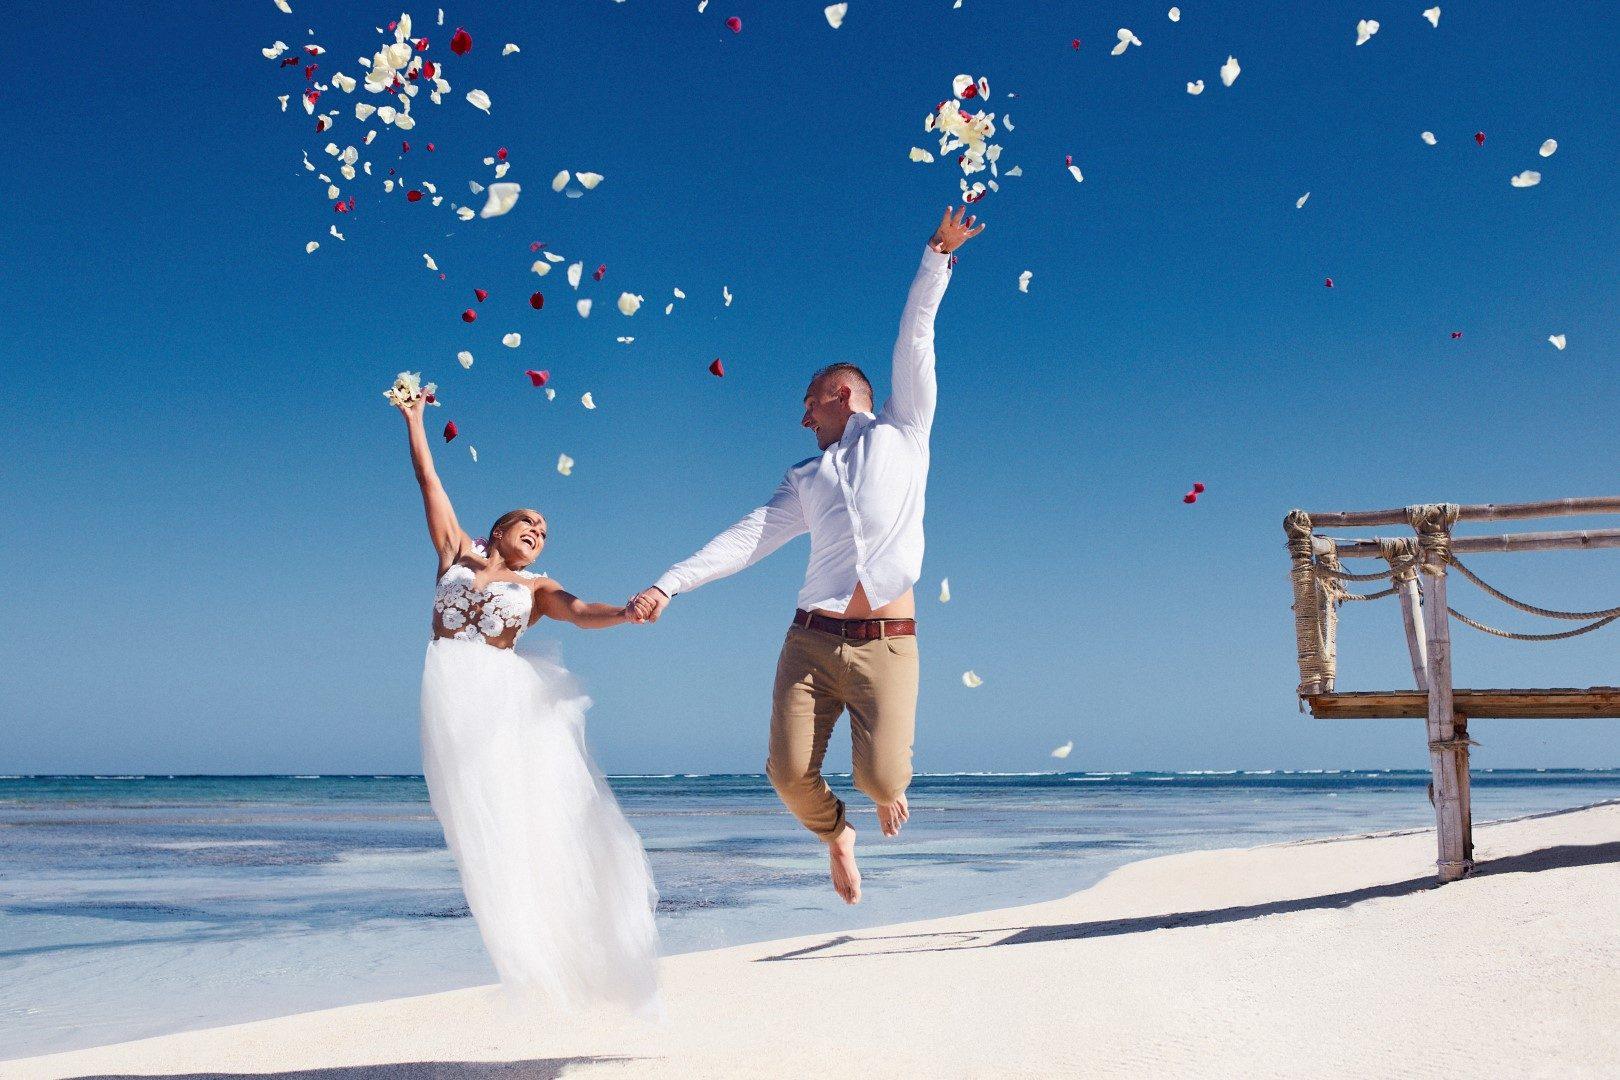 ,dominika,dominikai köztrásaság,esküvő,nászút,dominika nászút,dominika esküvő,daalarna ruha,tengerparti esküvő,daalarna tengerparti,